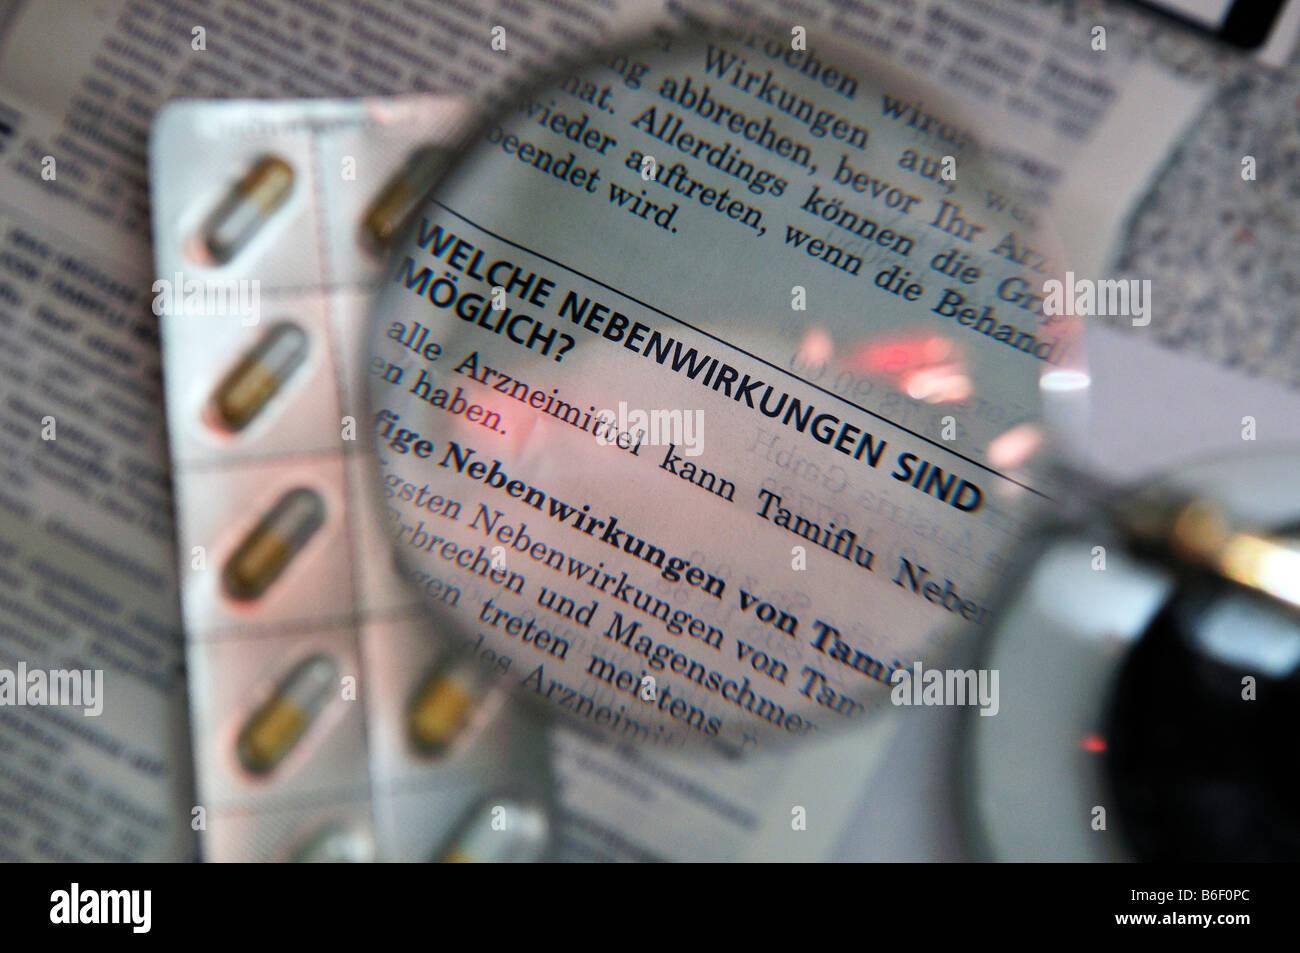 Symbolic photo, side effects of medication, Tamiflu Stock Photo